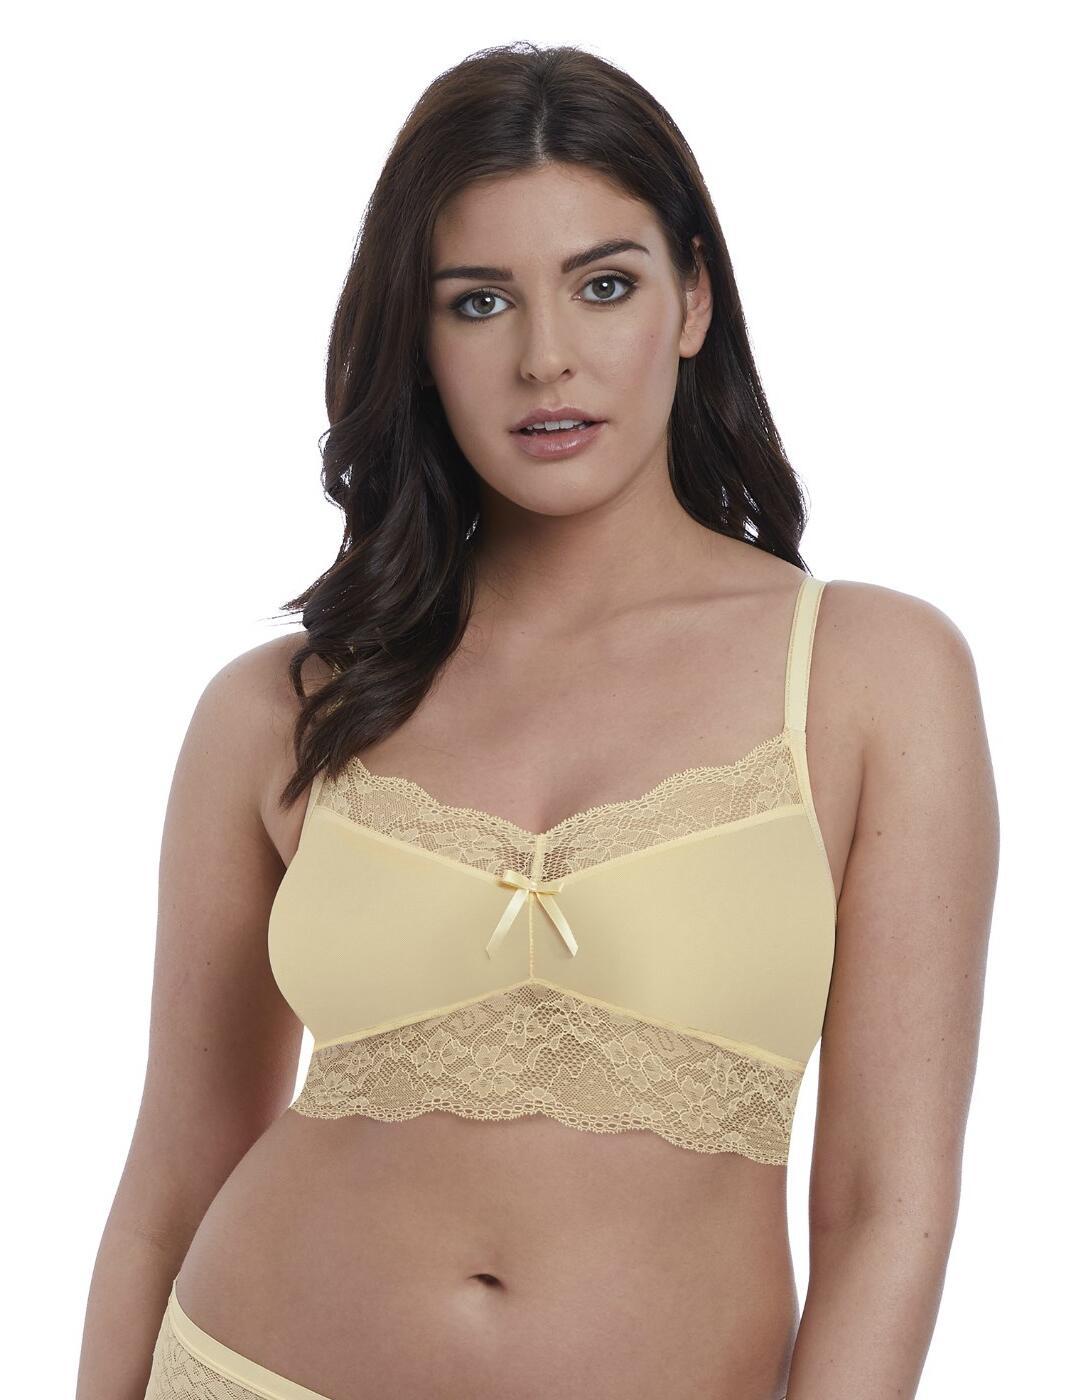 1010 Freya Fancies Bralette Bra Top - 1010 Buttermilk